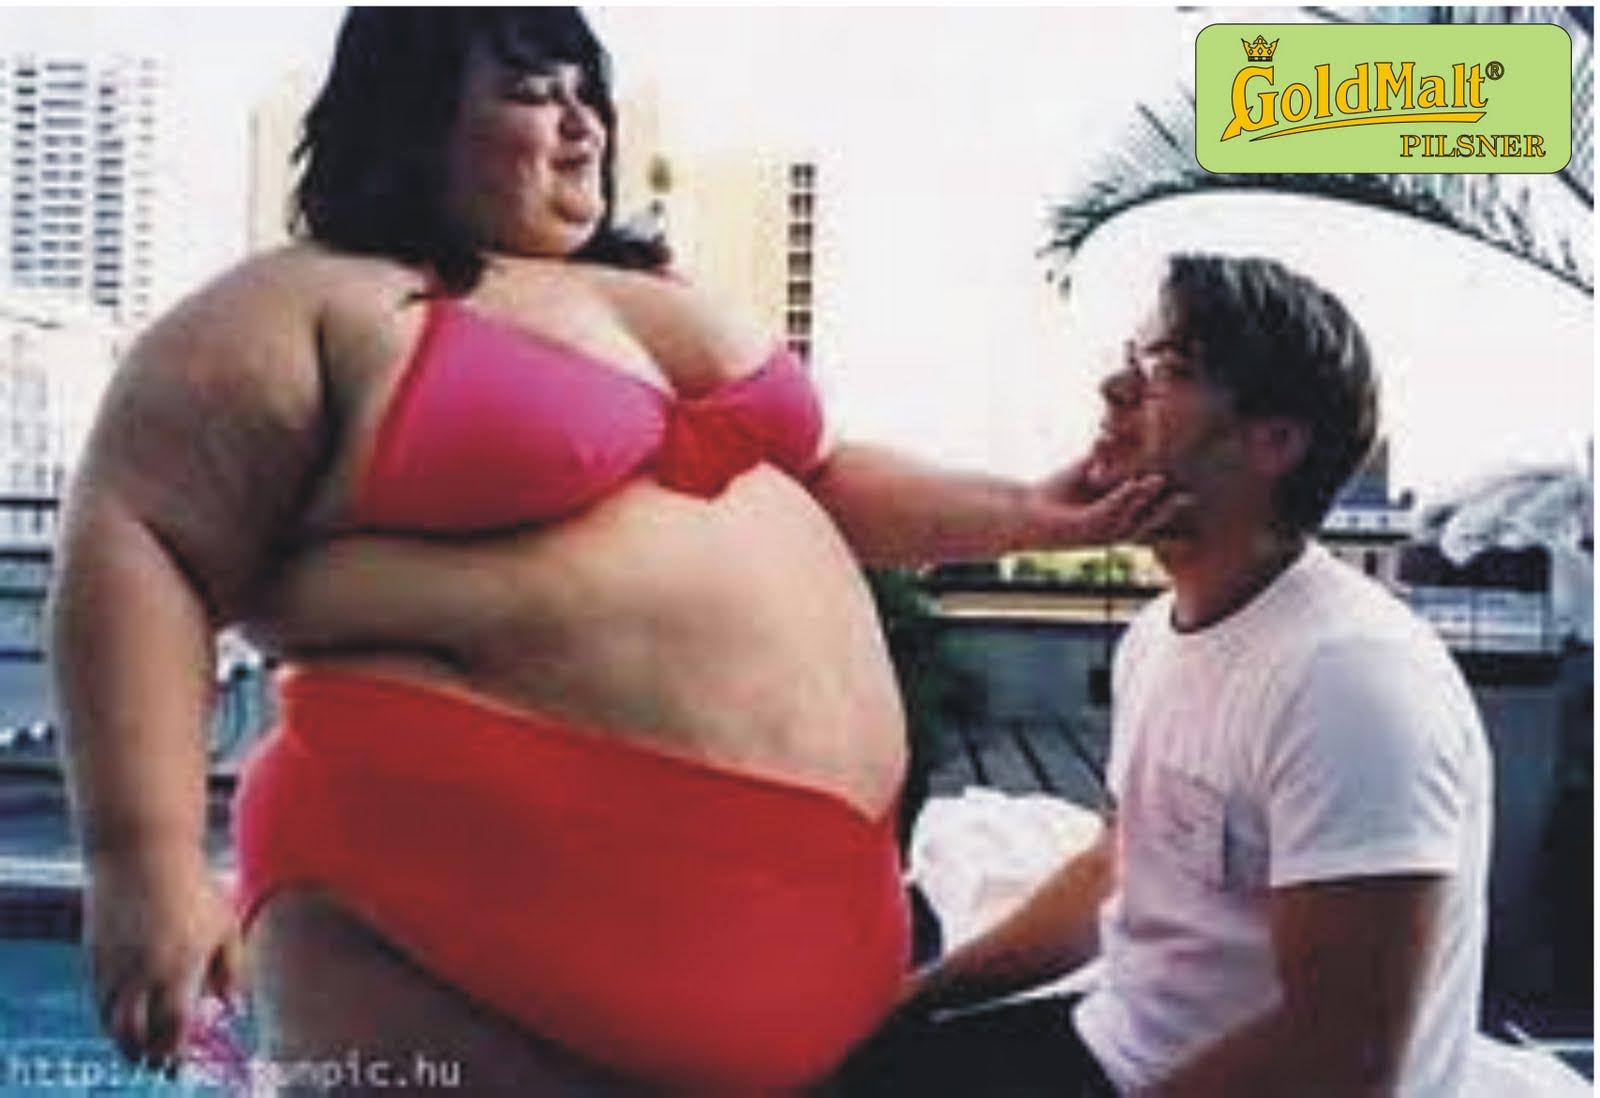 Жирные люди фото смешные 4